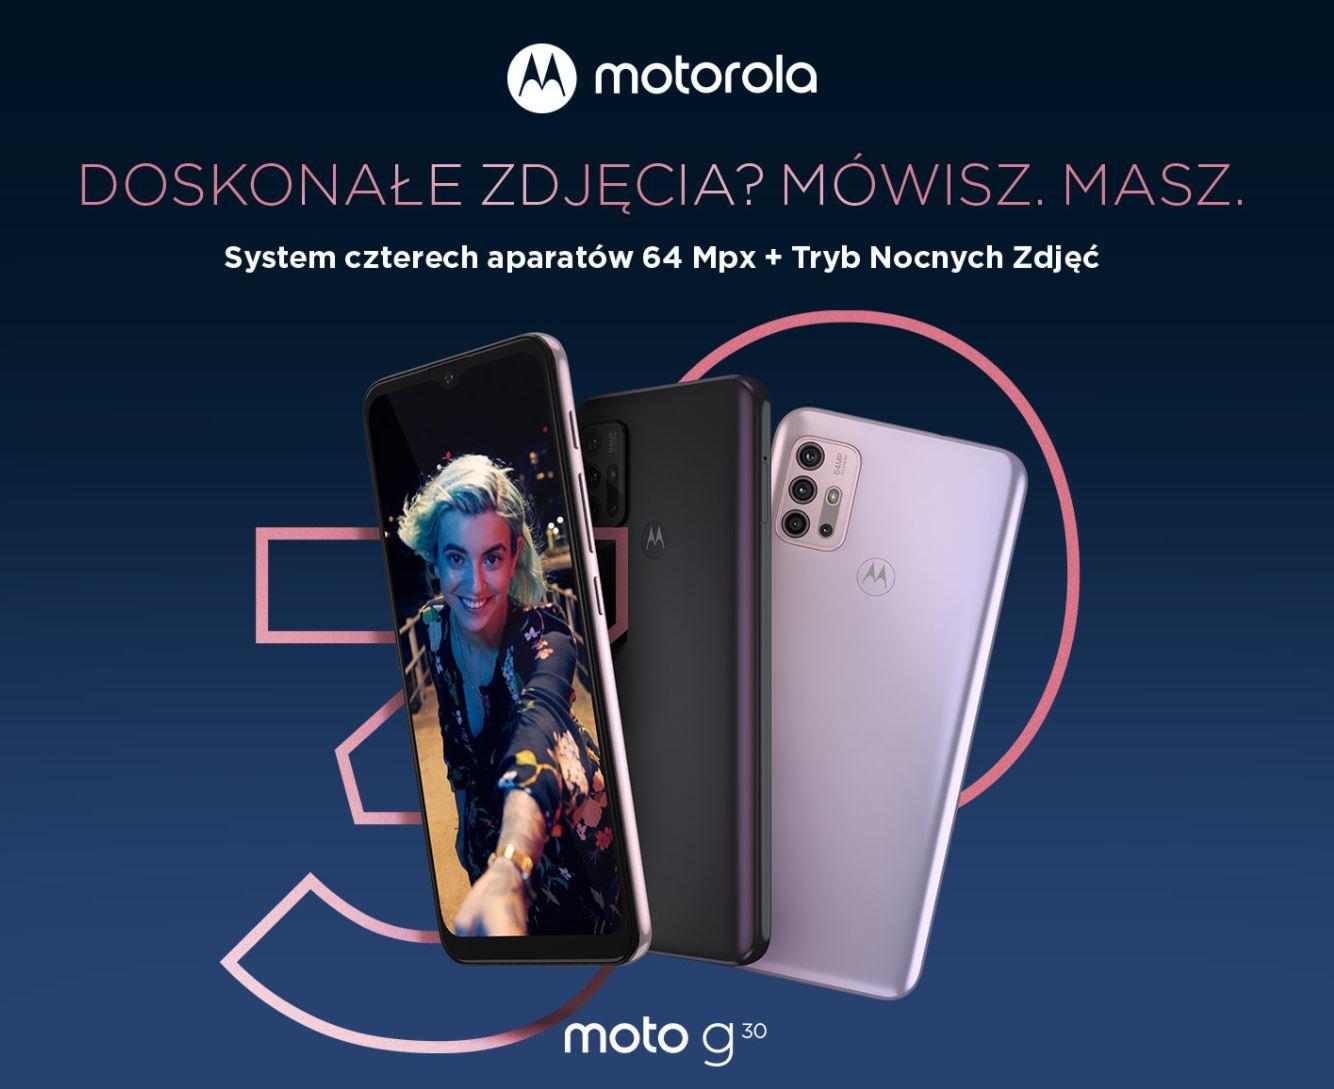 Najpopularniejsze smartfony do 1000 zł w ofercie RTV Euro AGD (TOP 10) - motorola moto g30